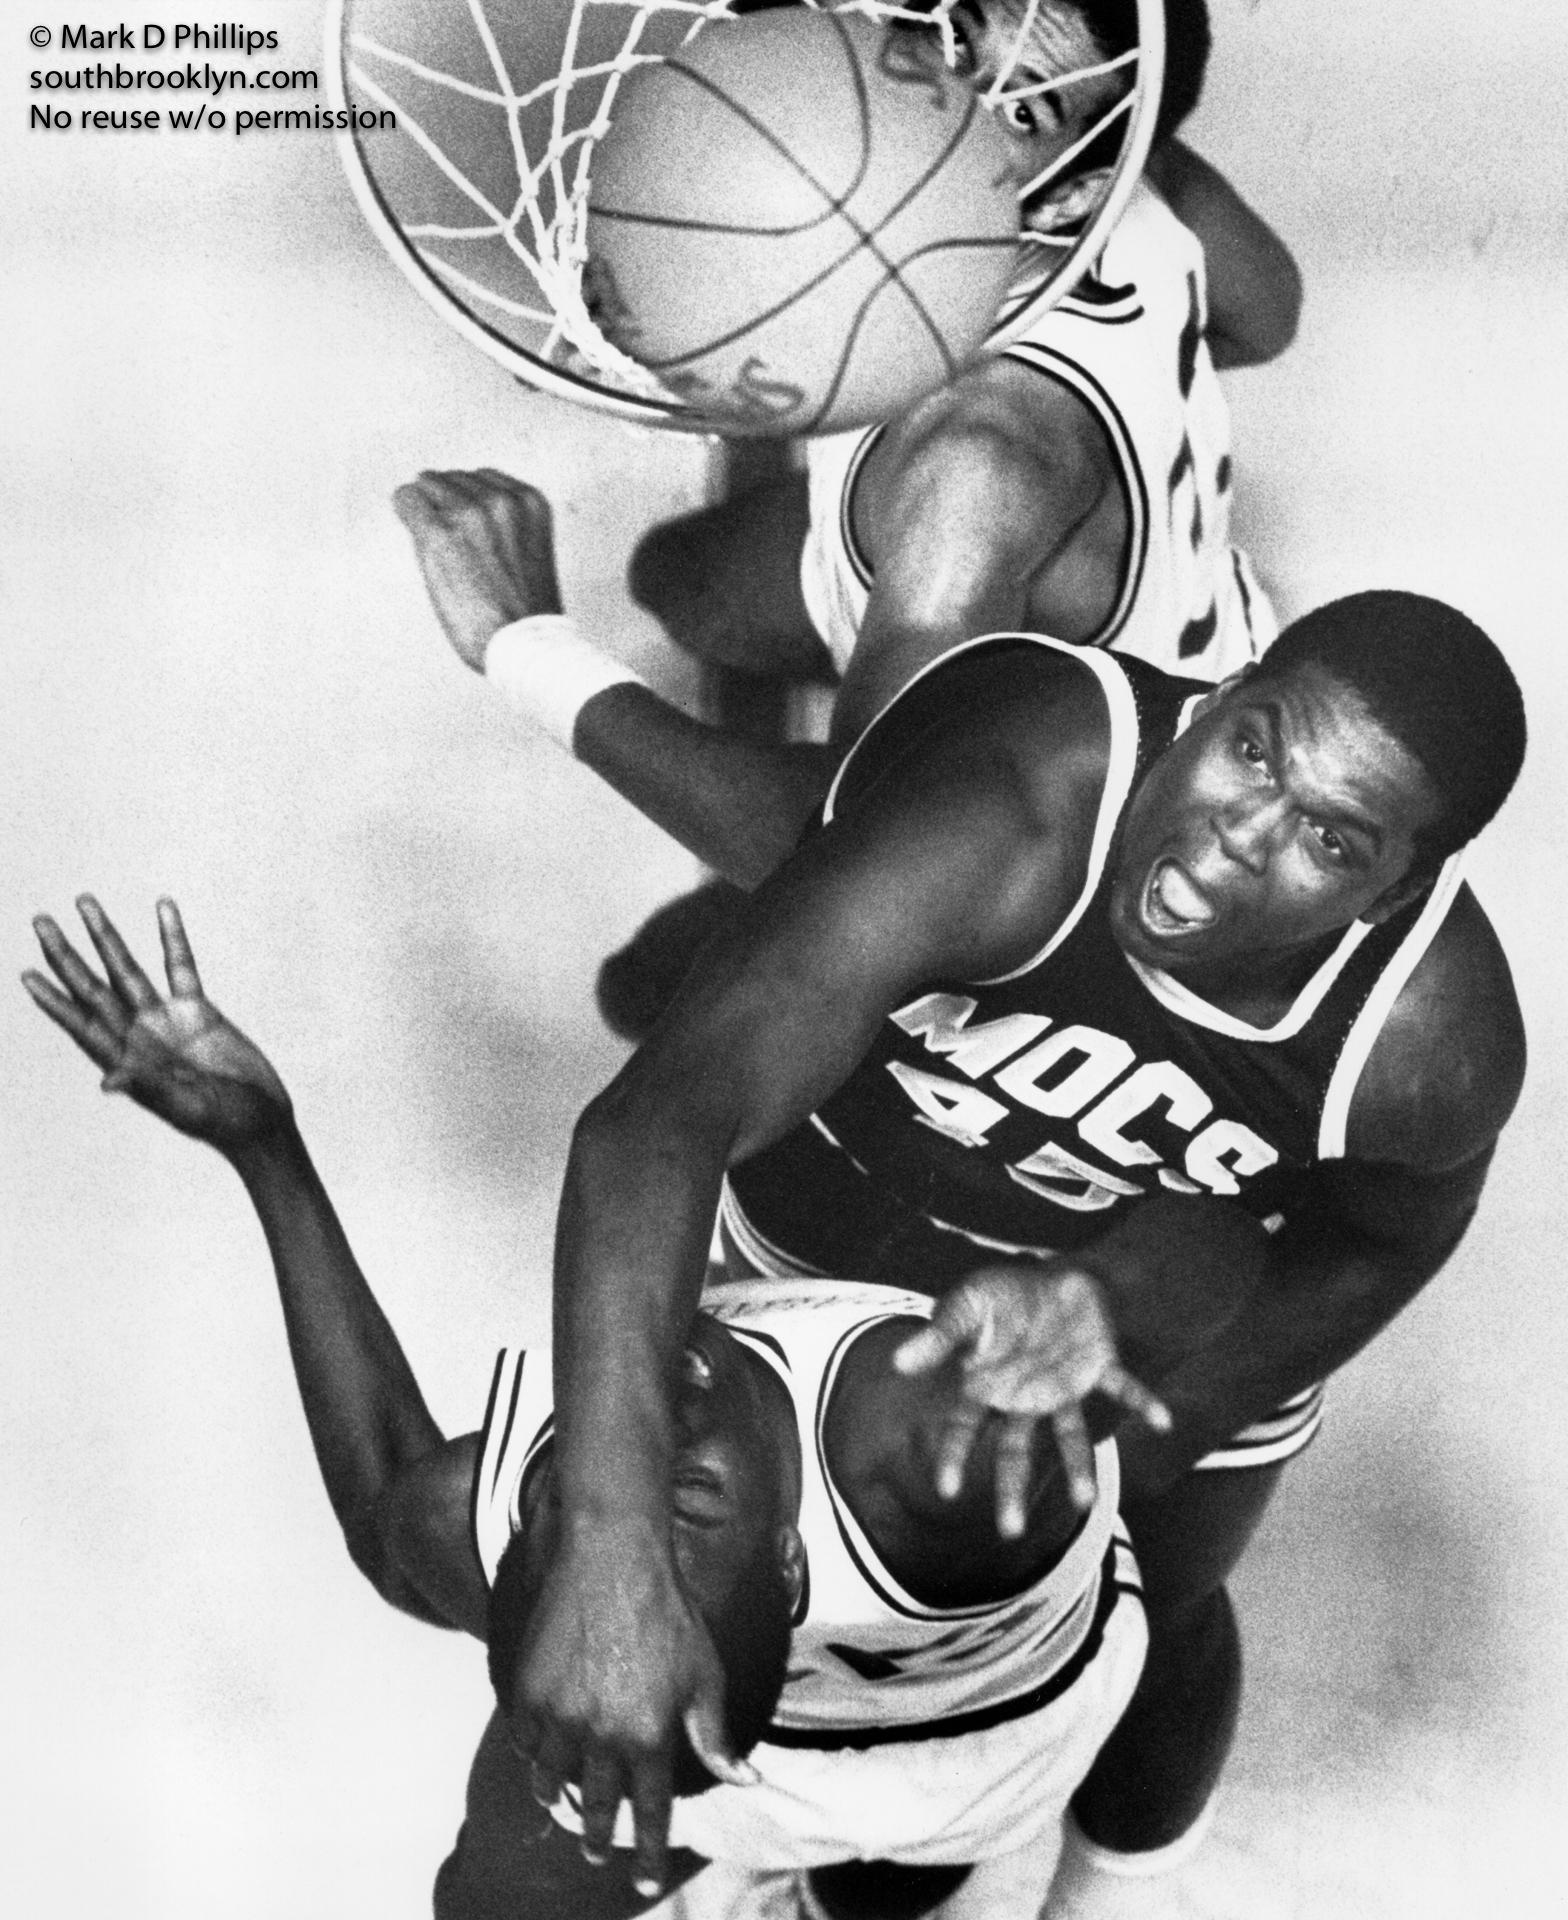 Appalaichian State basketball